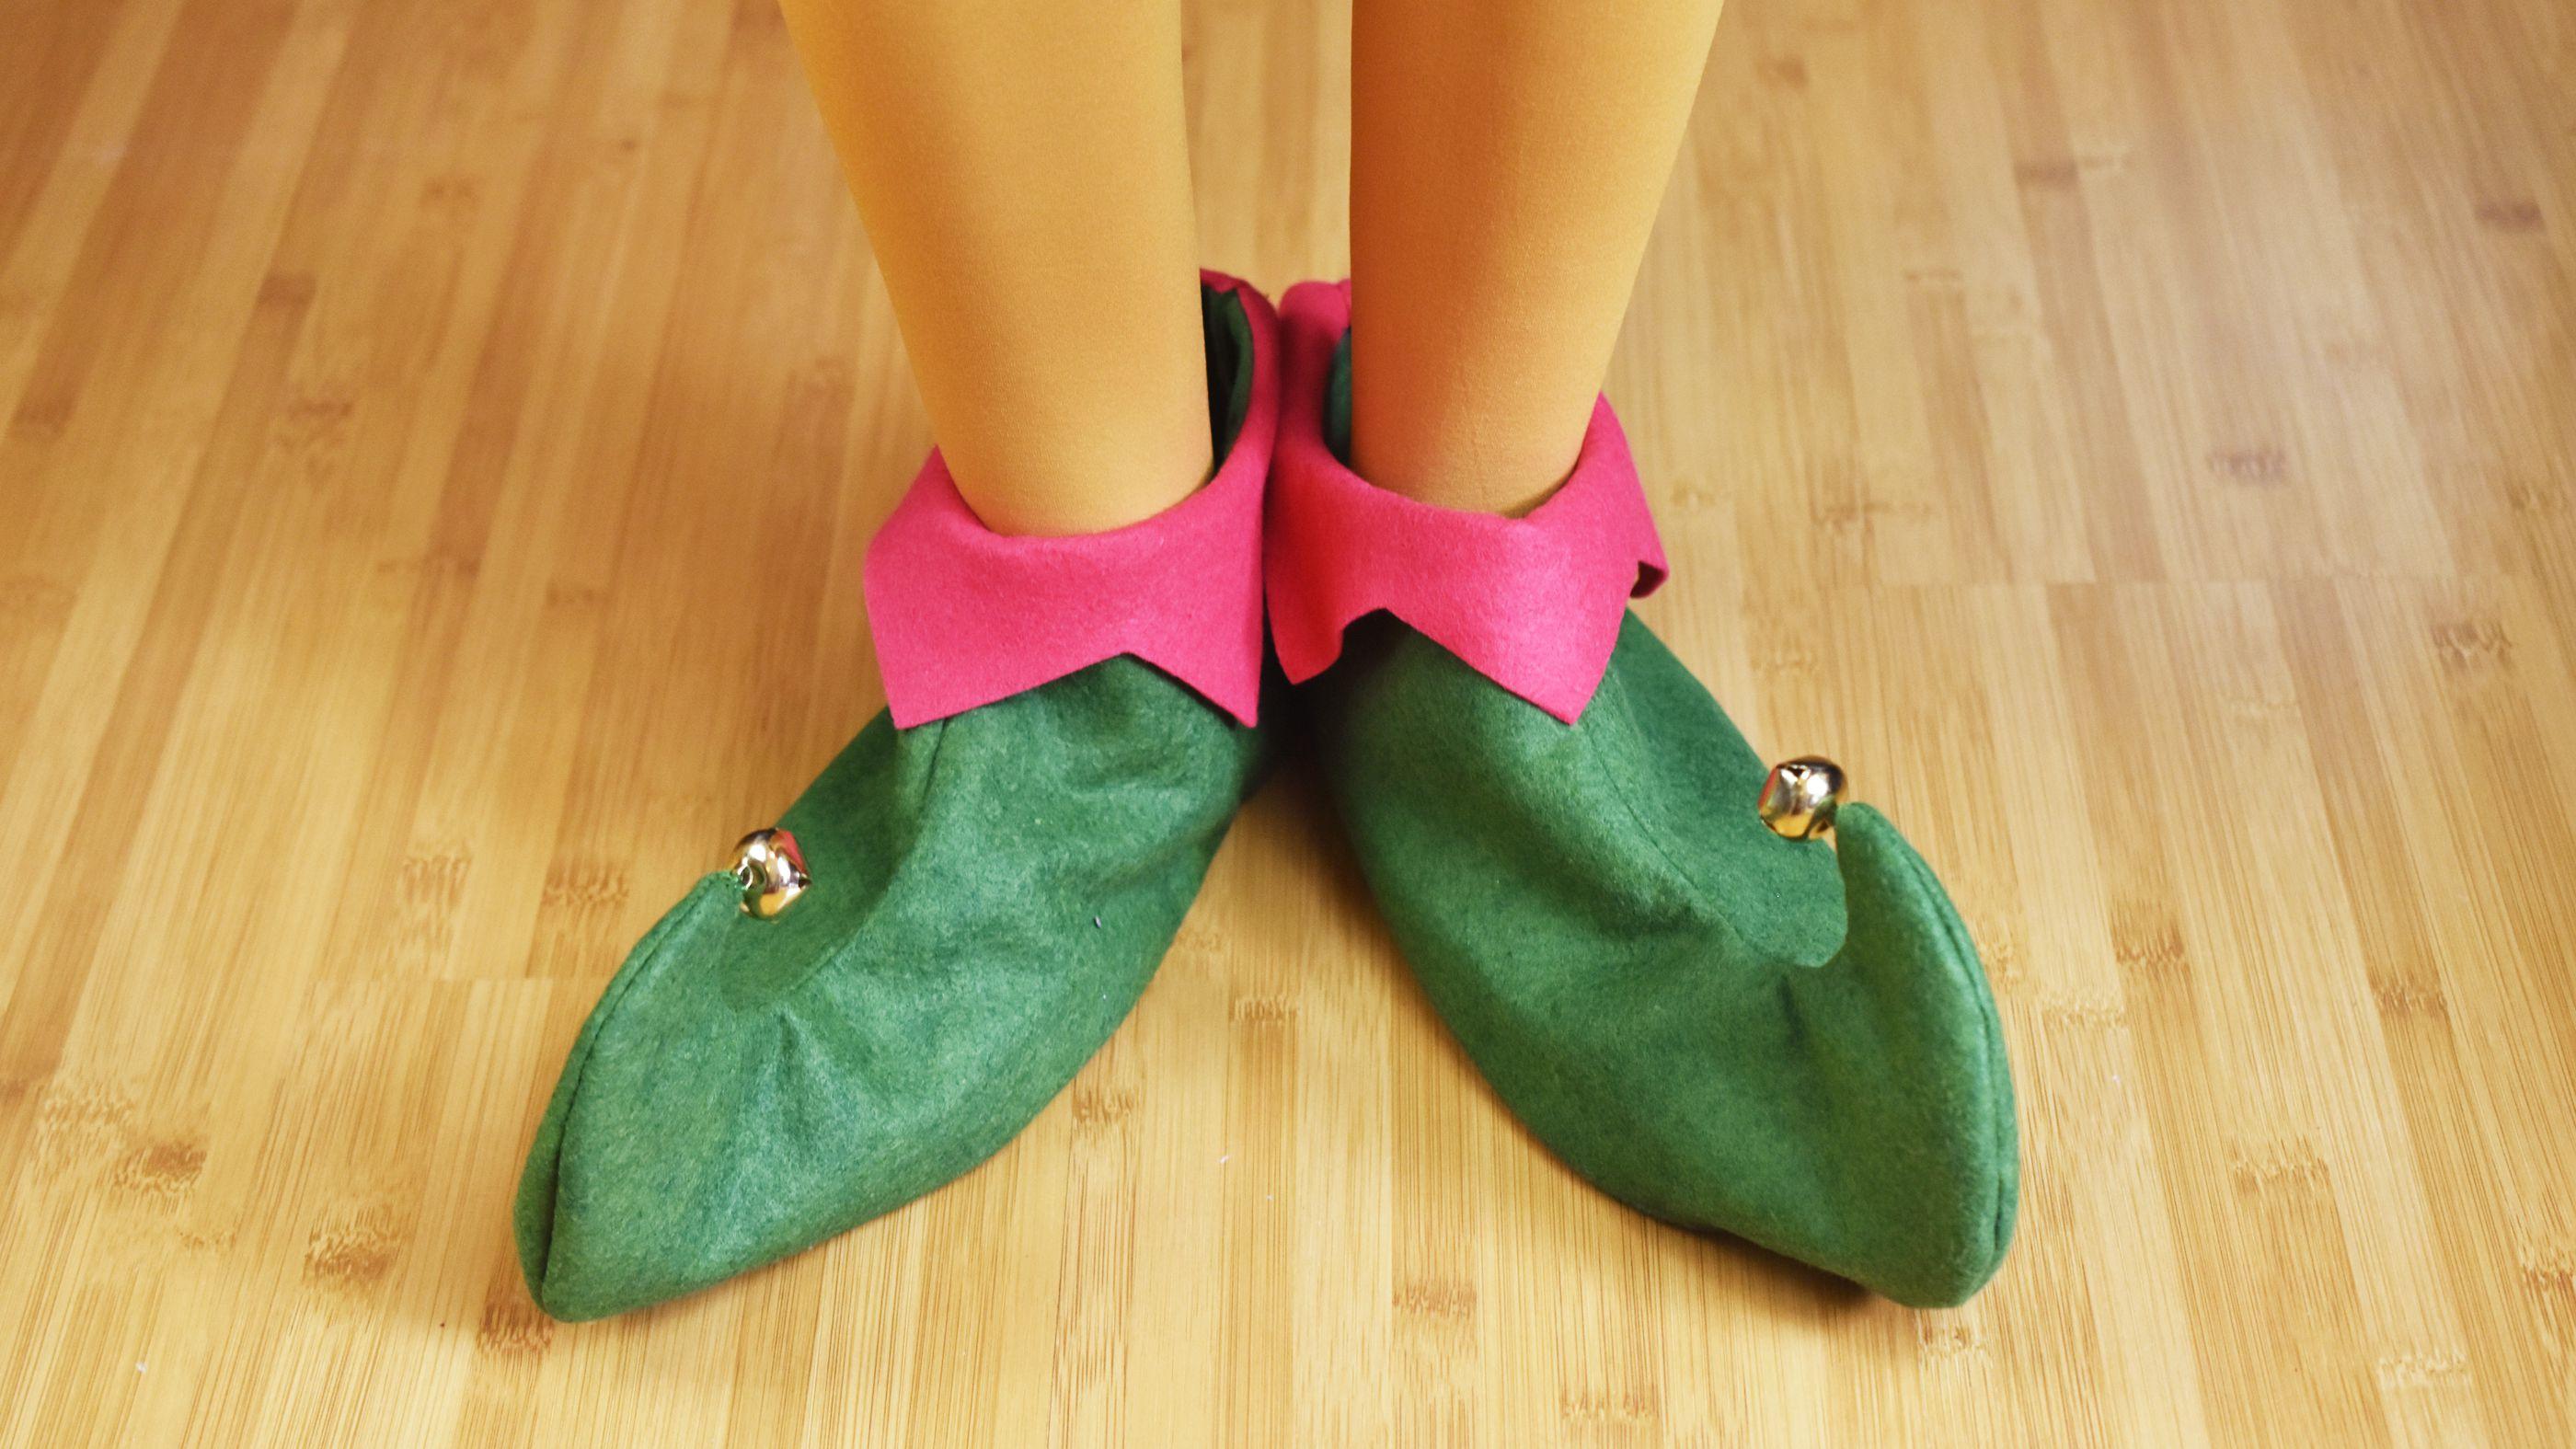 How To Make Felt Elf Shoes